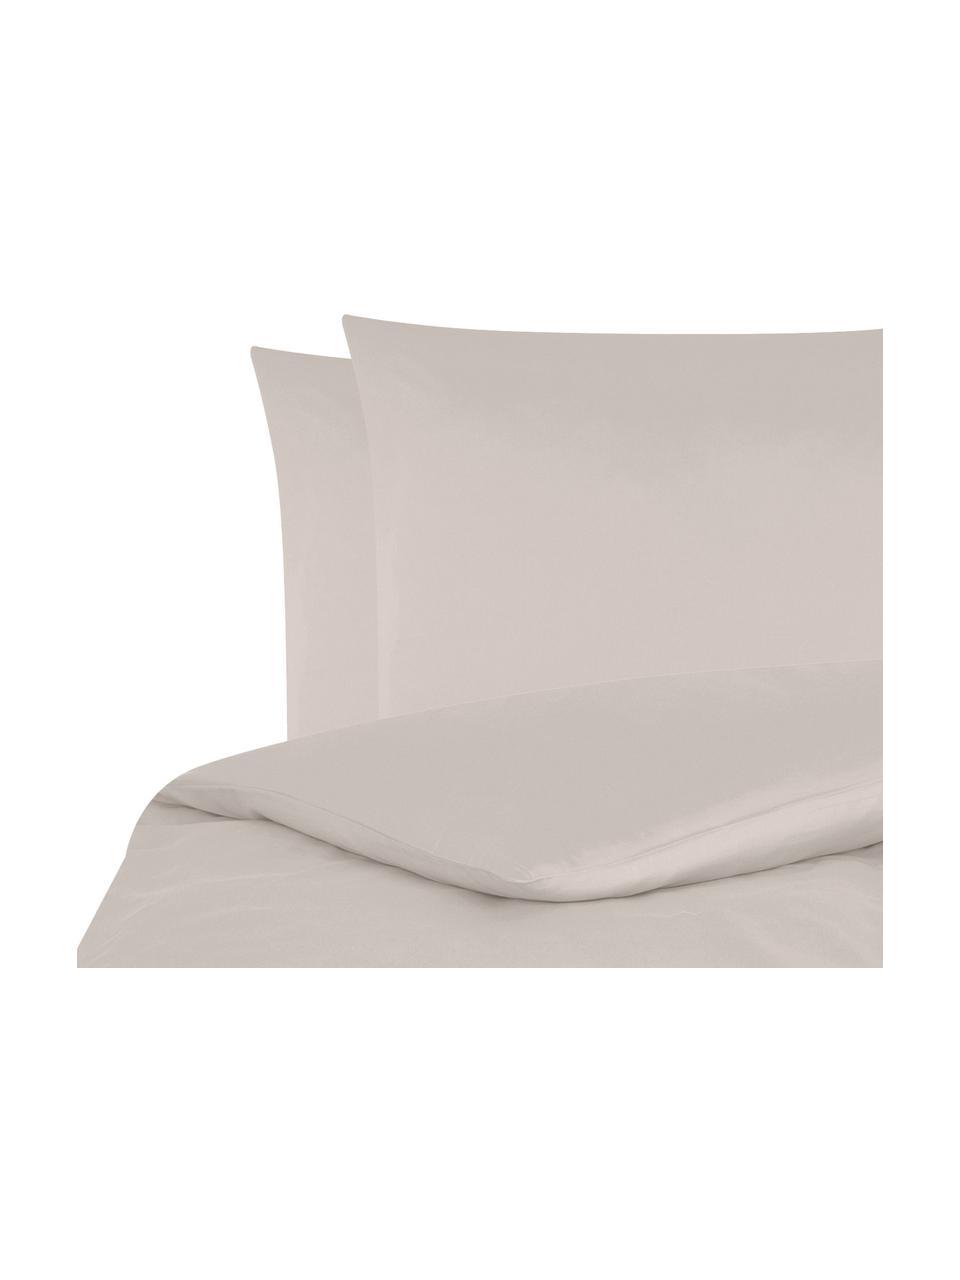 Katoensatijnen dekbedovertrek Comfort, Weeftechniek: satijn, licht glanzend, Taupe, 240 x 220 cm